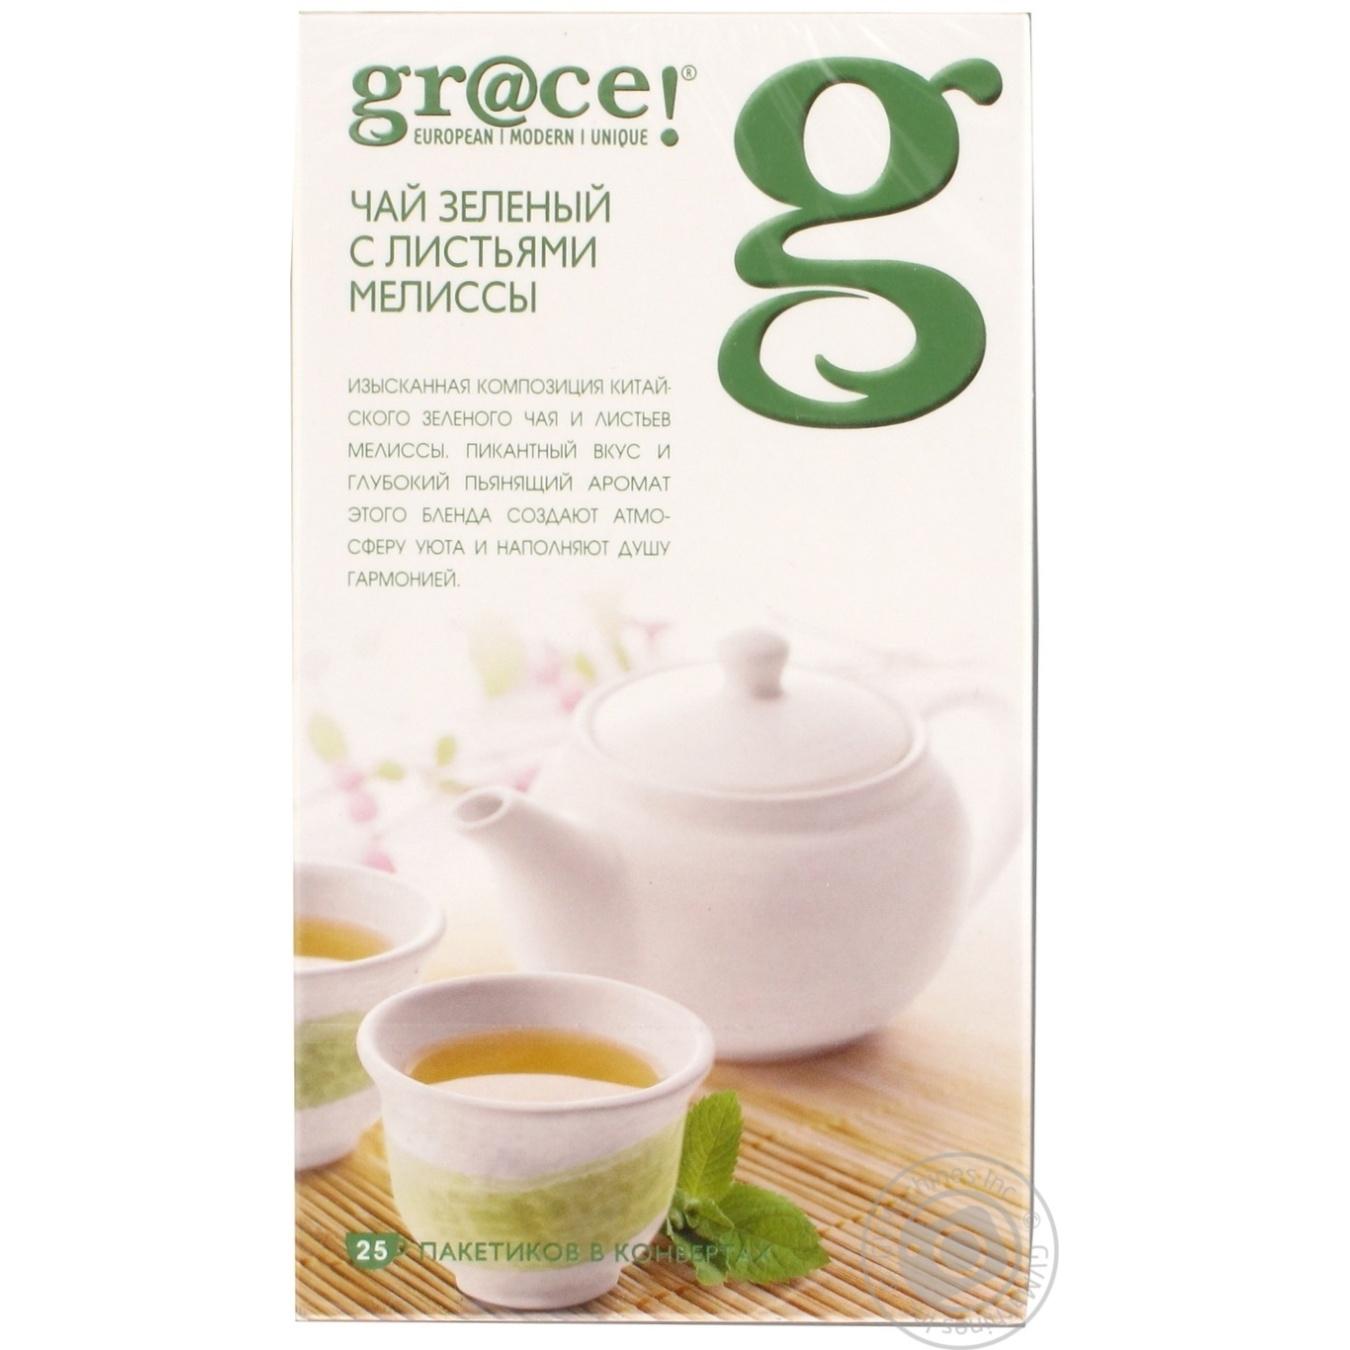 Зеленый чай Грэйс! с листьями мелиссы в пакетиках 25х1.5г